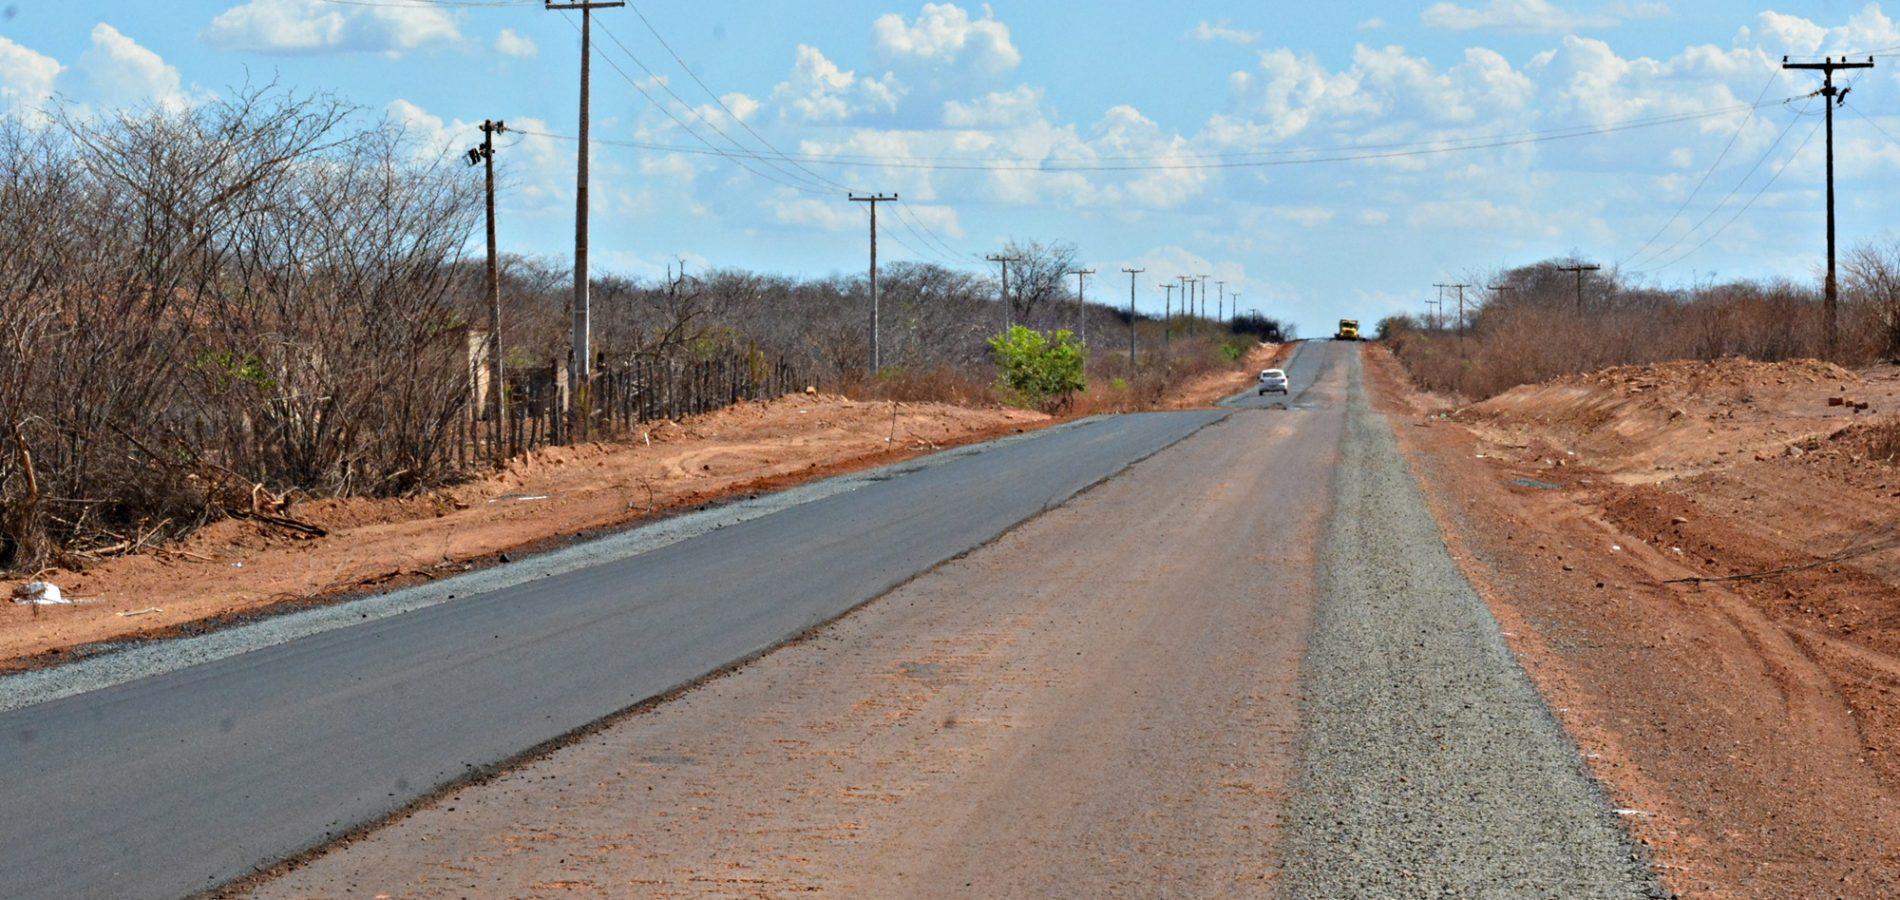 Obras de reconstrução do asfalto entre Itainópolis e Picos são paralisadas. Veja!